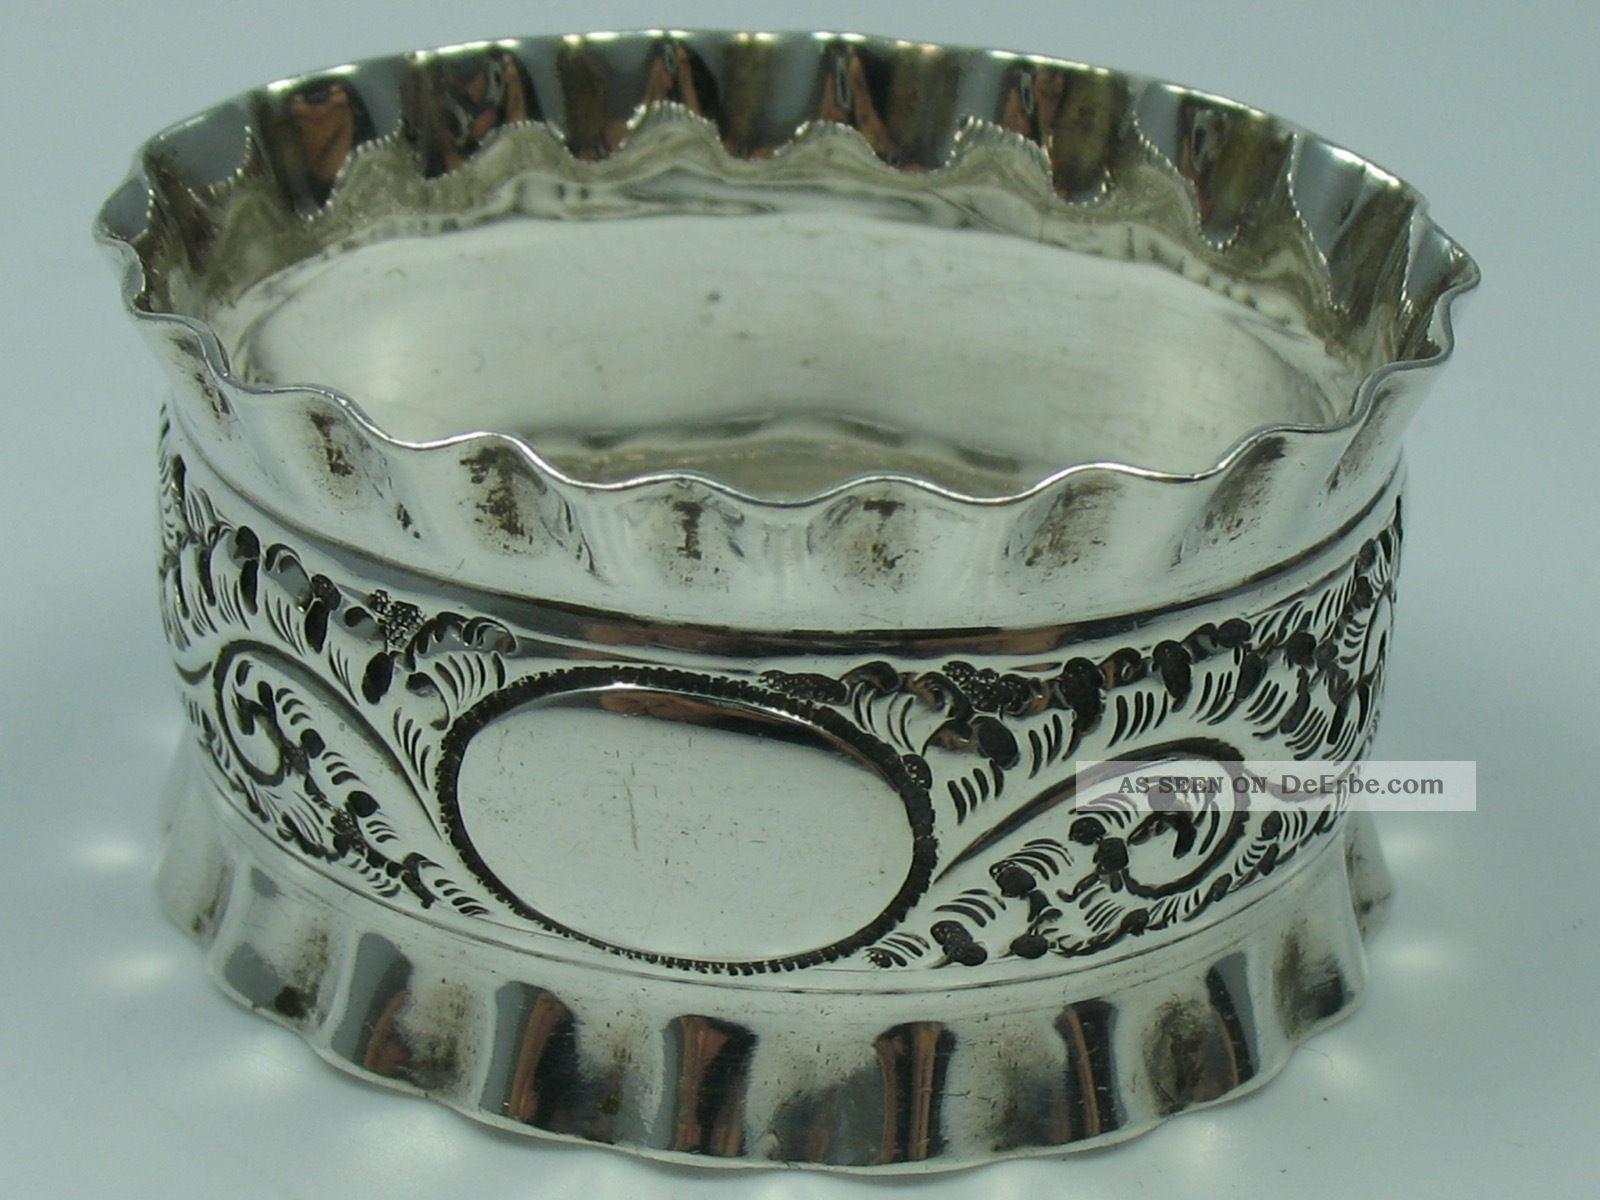 Allen And Darwin Sheffield Top Massiver Serviettenring Von 1896 Aus 925 Silber Objekte vor 1945 Bild